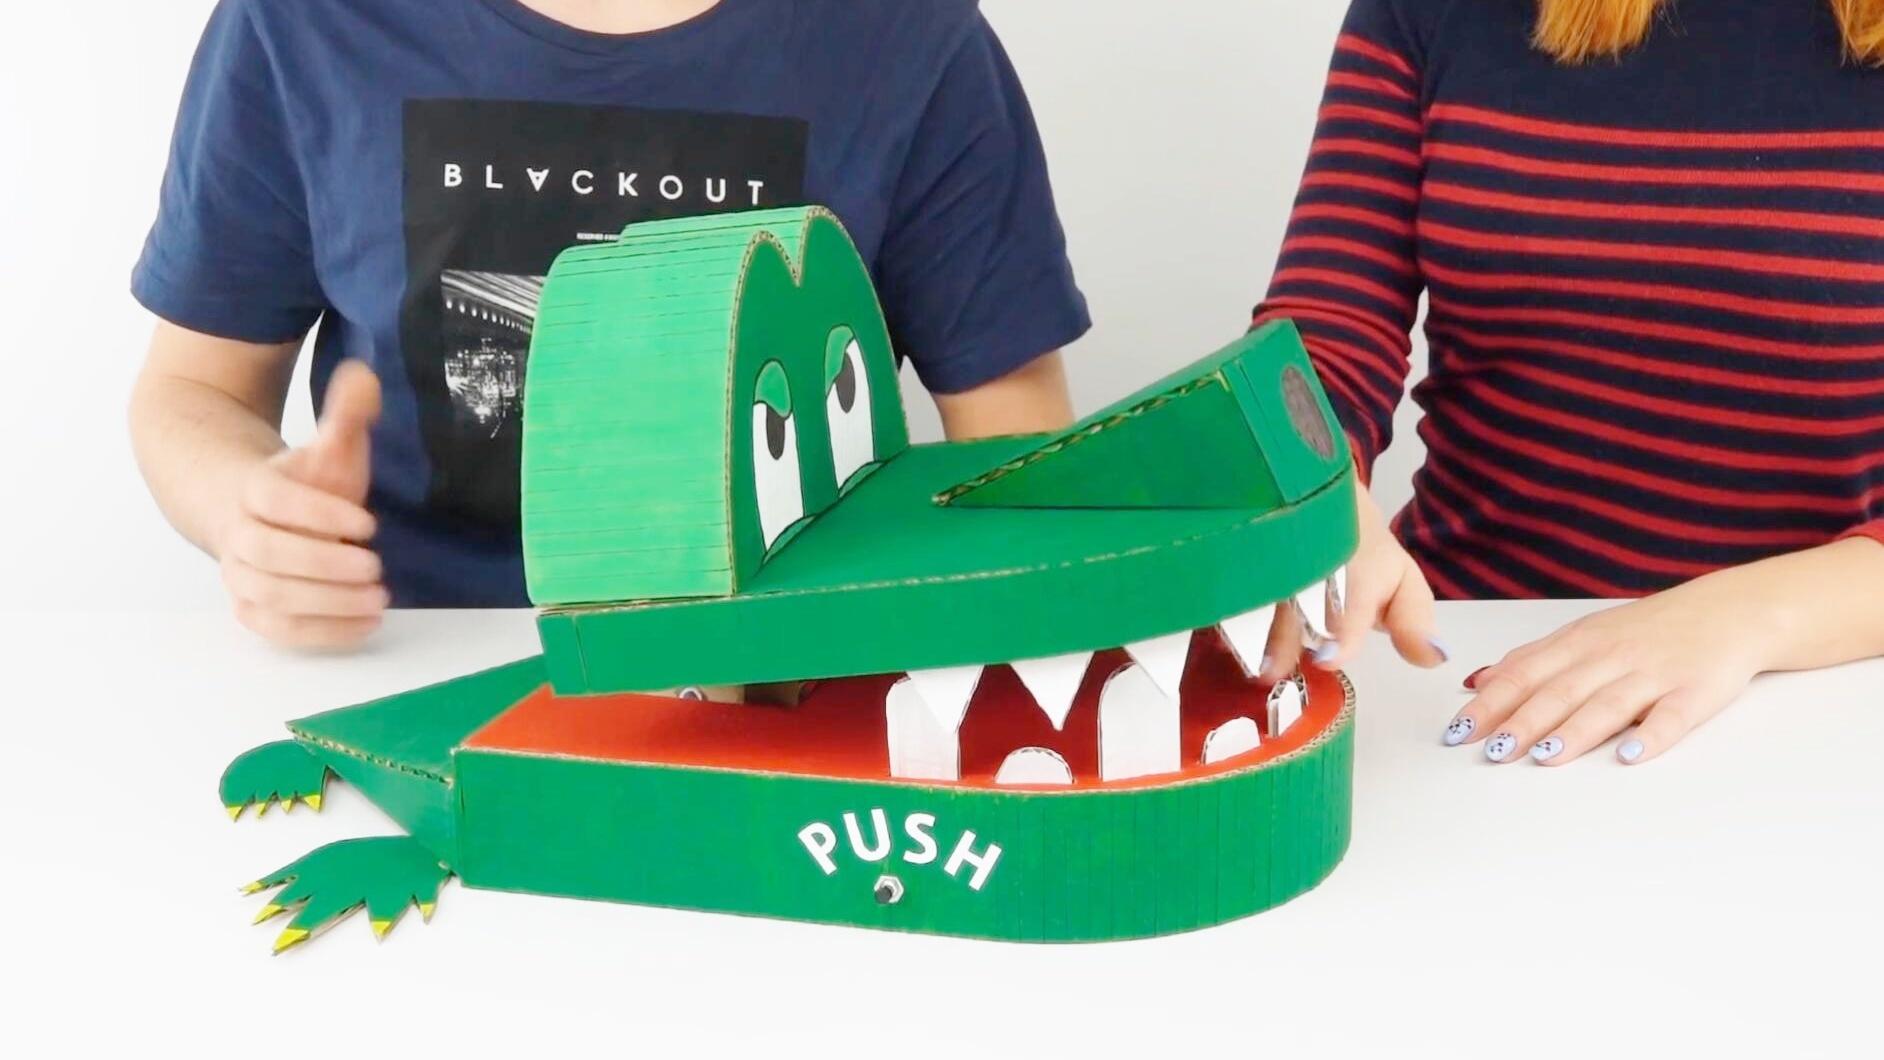 用纸板手工制作微型拖拉机,动手能力强悍,脑洞大开!